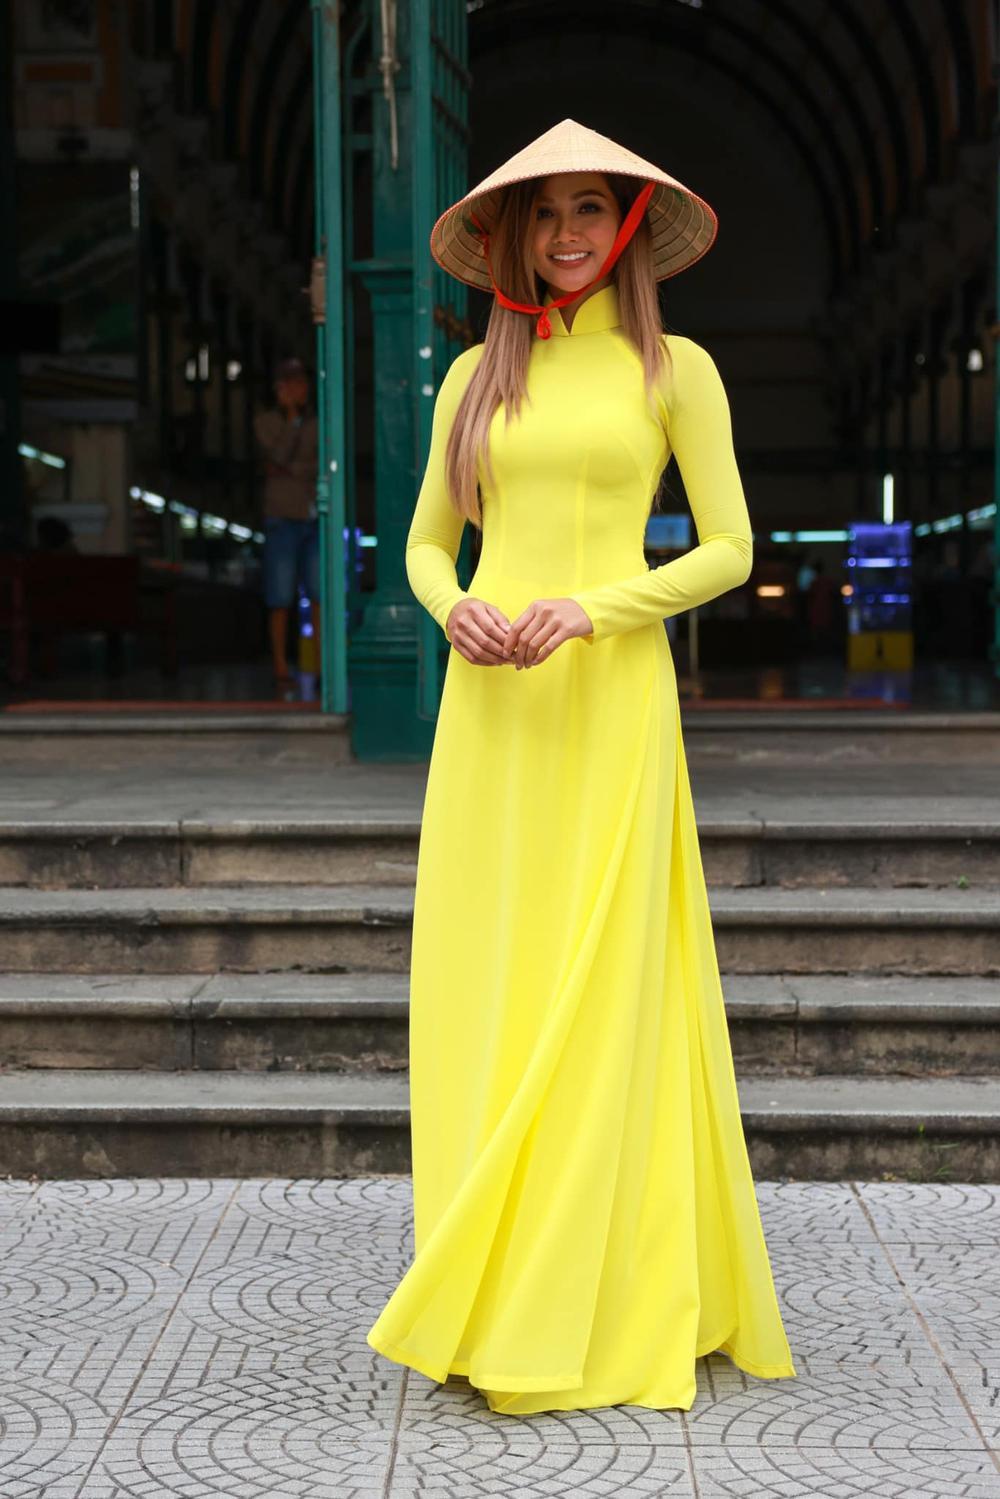 H'Hen Niê nhuộm tóc nâu vàng diện áo dài duyên dáng, nhan sắc rạng rỡ khiến fan không thể rời mắt Ảnh 3